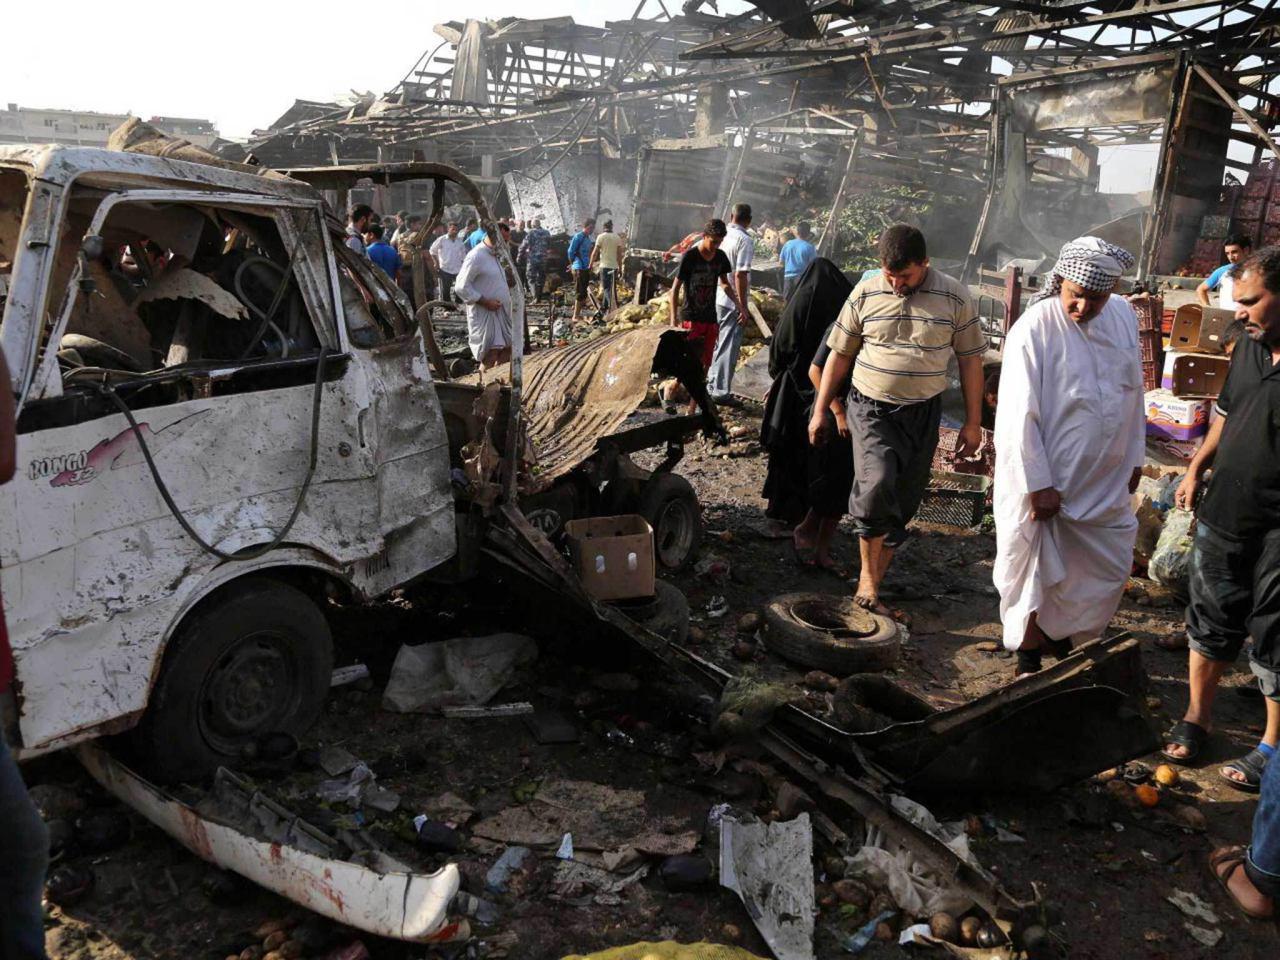 صورة تنظيم داعش الارهابي يتبنى تفجير حي جميلة شرقي  العاصمة العراقية بغداد الذي أوقع 20 شهيدا